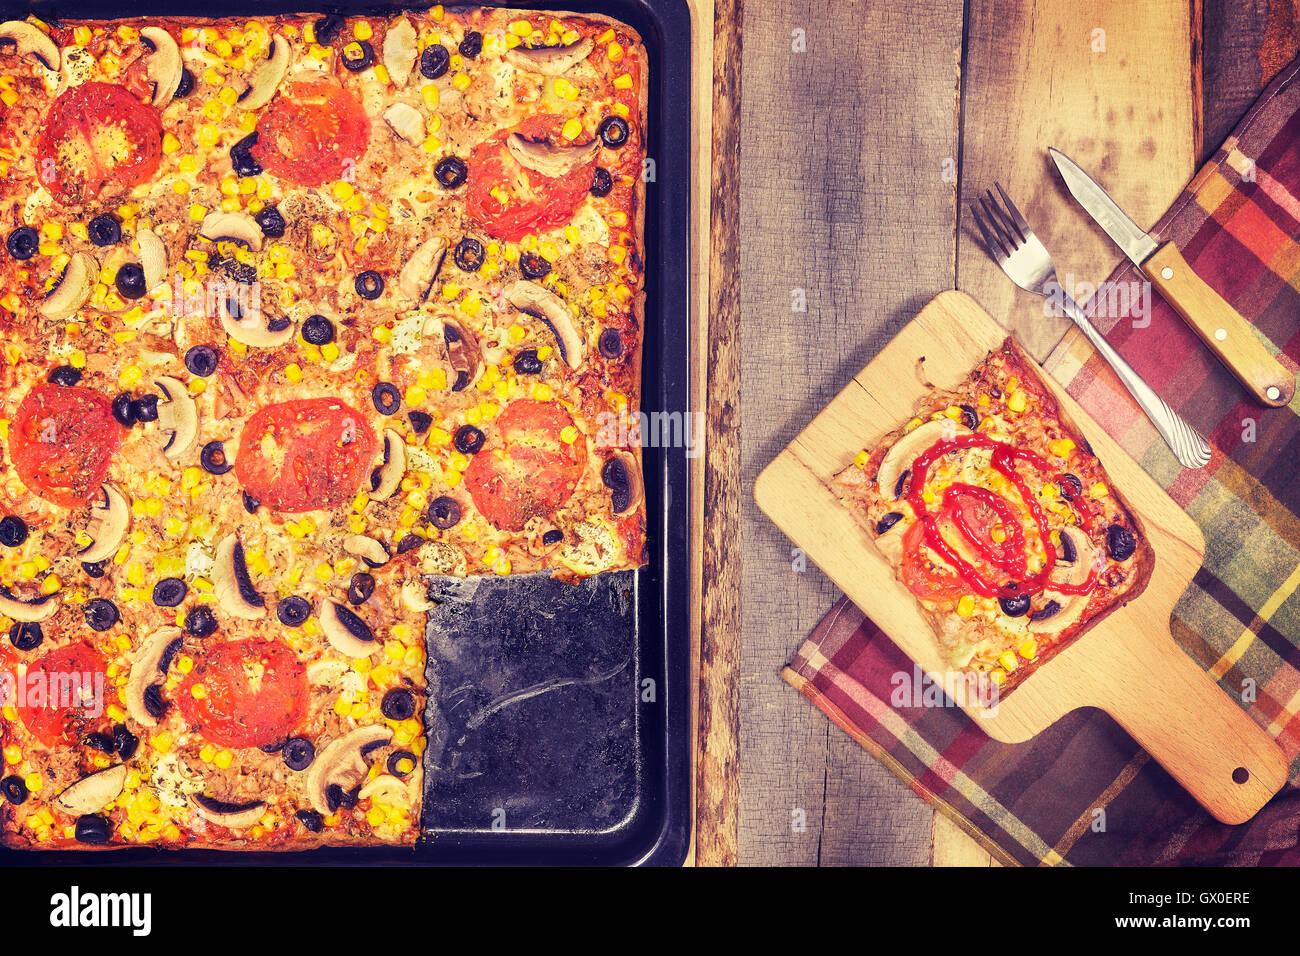 Vintage nei toni del tonno in casa la pizza con pomodori, olive, cipolla e mais su sfondo di legno, vista dall'alto. Immagini Stock